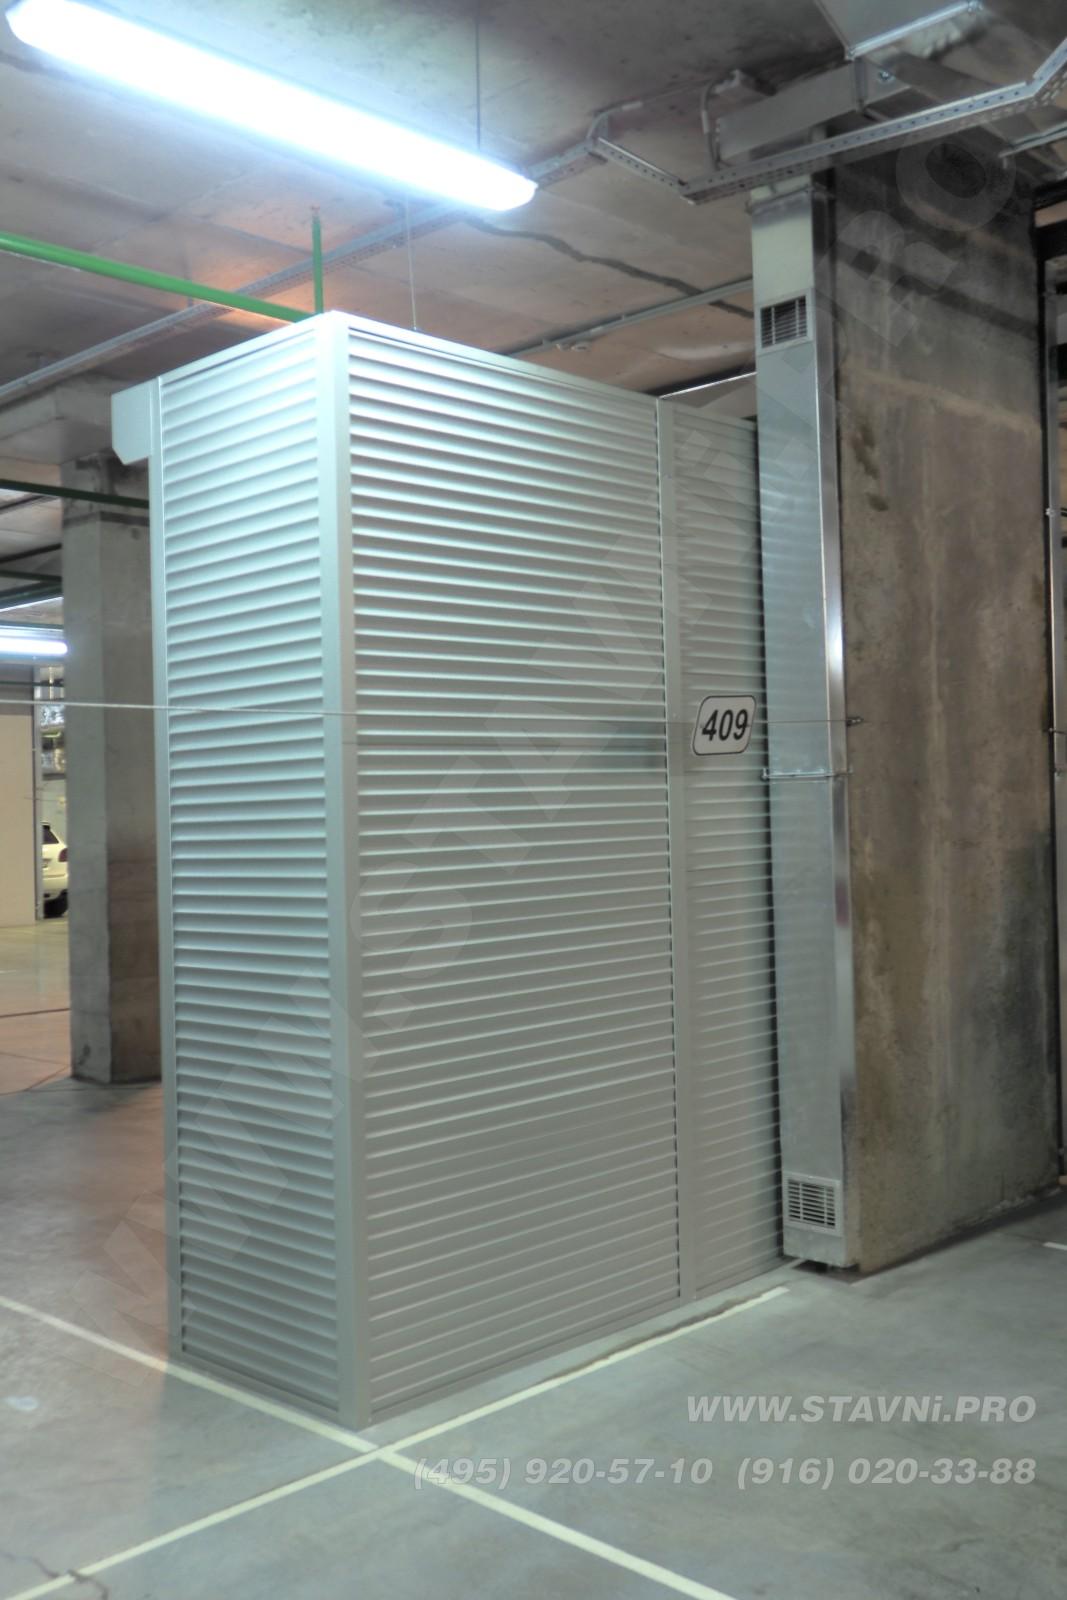 Фотография шкафа в парковке жилого комплекса Скайфорт 1 вид сзади